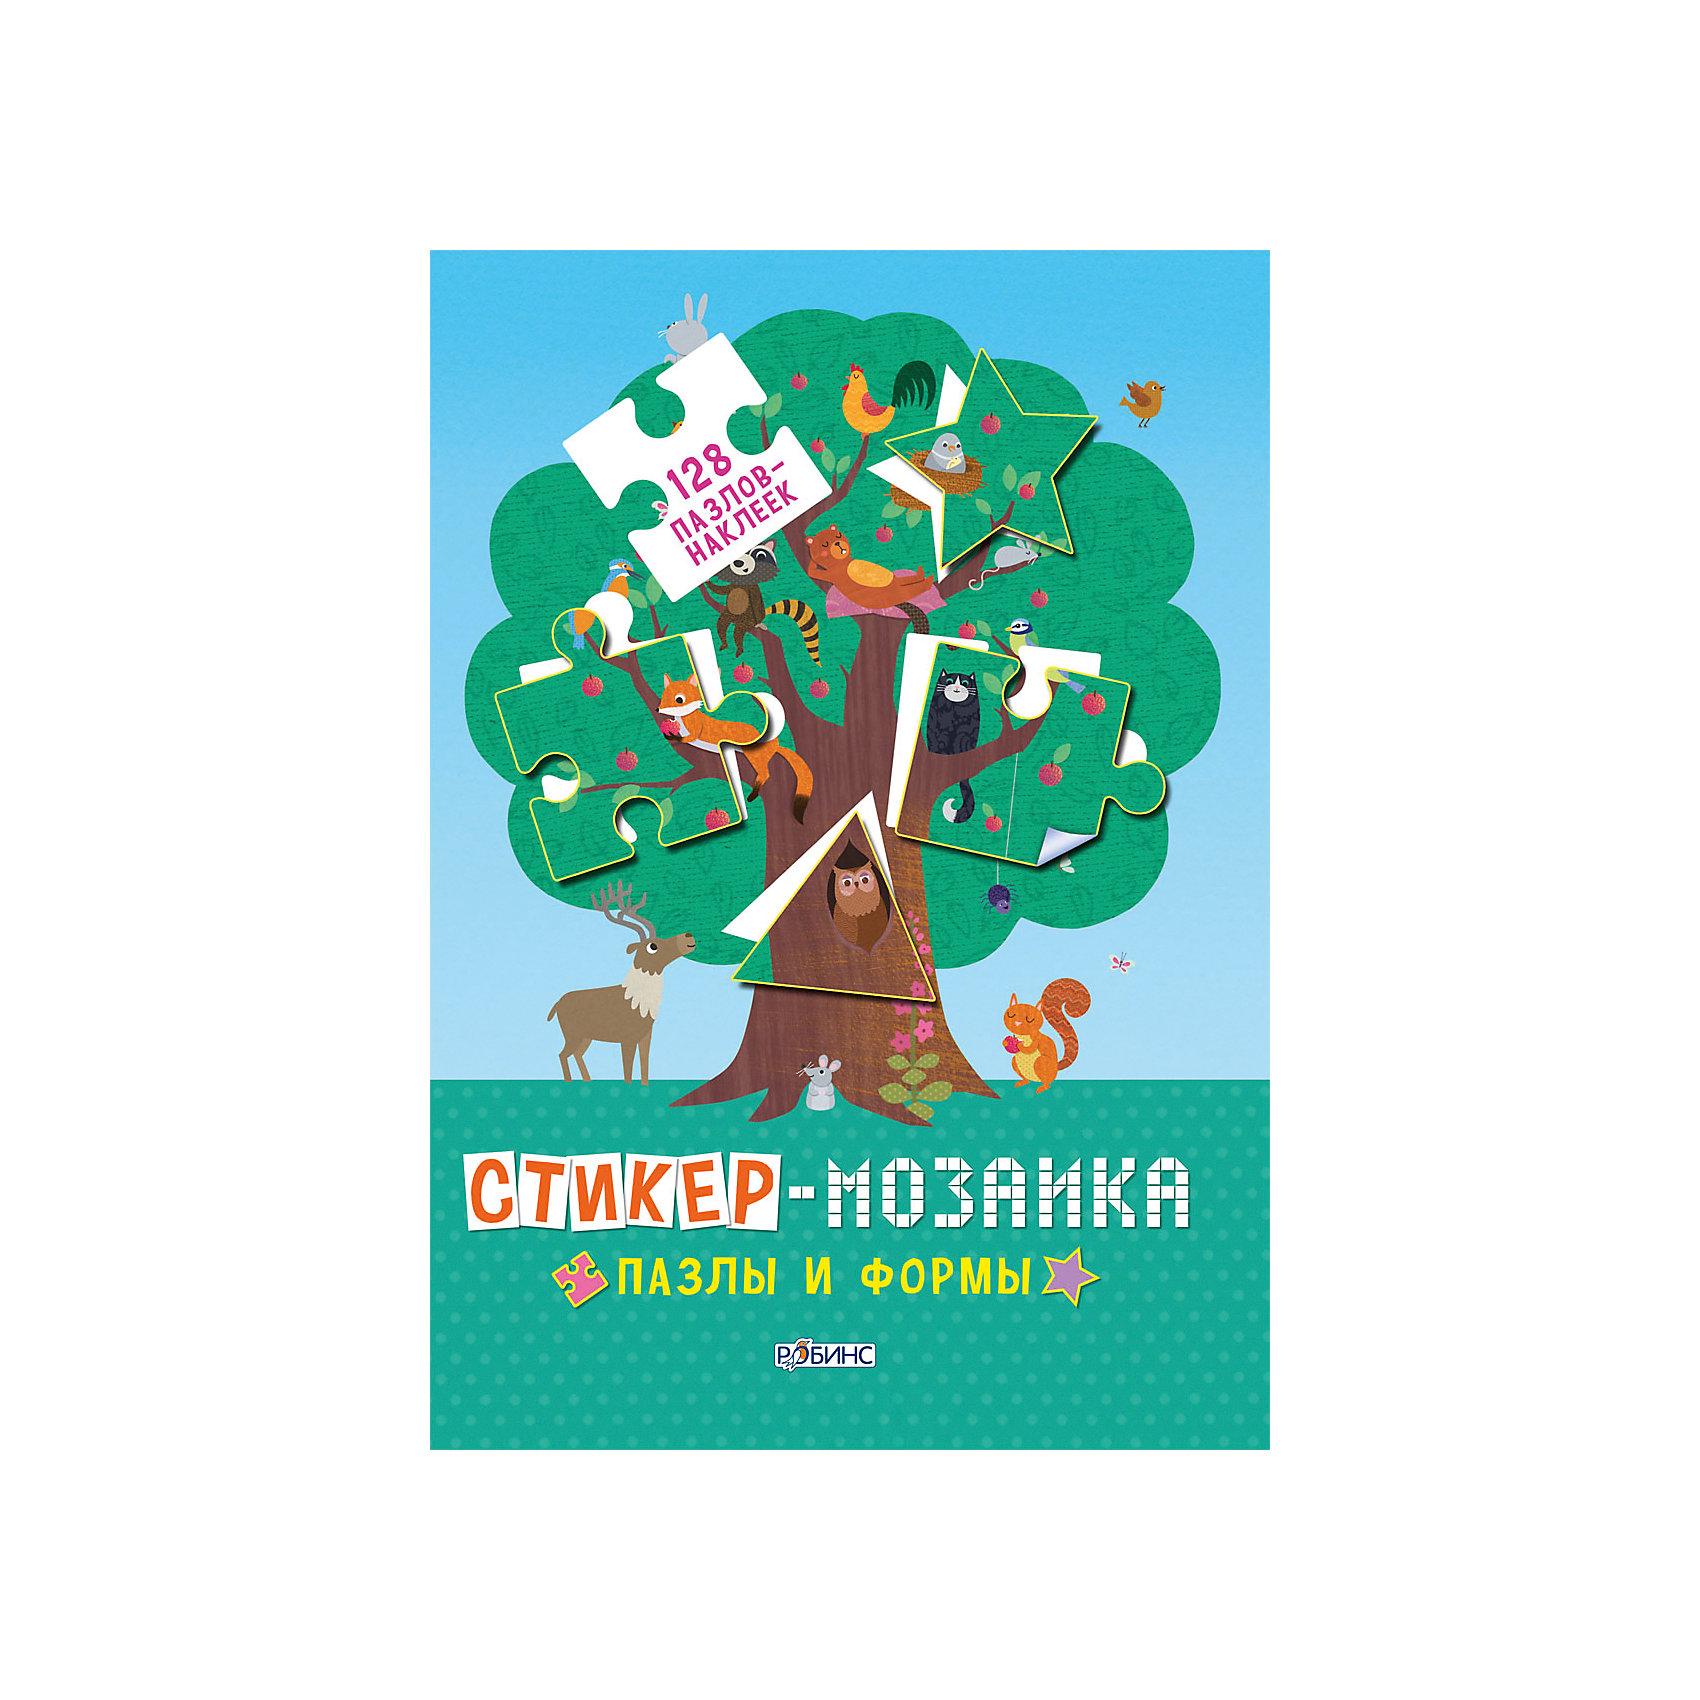 Книга с наклейками Стикер-мозаика: Пазлы и формыРобинс<br>Книга с наклейками Стикер-мозаика. Пазлы и формы – это увлекательная книга познакомит малыша с геометрическими фигурами.<br>В книге Стикер-мозаика. Пазлы и формы представлено множество картинок-головоломок, в которых не хватает некоторых важных деталей. Собрать головоломки малыш сможет при помощи наклеек-пазлов, располагающихся на специальной вкладке в конце издания. Для удобства, наклейки подписаны номерами страниц, на которых предложены задания. В поисках места для каждого кусочка пазла ребенку предстоит подключить внимание и свои наблюдательные способности. Увлекательное занятие надолго заинтересует малыша и позволит ему развить усидчивость, зрительную память, мышление, мелкую моторику, координацию движений рук, а также в игровой форме познакомит с геометрическими фигурами: круг, квадрат, ромб, трапеция, овал, полукруг, восьмиугольник, прямоугольник, треугольник.<br><br>Дополнительная информация:<br><br>- Издательство: Робинс<br>- Серия: Стикер-мозаика<br>- Тип обложки: мягкая обложка<br>- Иллюстрации: цветные<br>- Количество страниц: 34 (мелованная)<br>- Количество пазлов-наклеек: 128<br>- Размер: 297x210x40 мм.<br>- Вес: 232 гр.<br><br>Книгу с наклейками Стикер-мозаика. Пазлы и формы можно купить в нашем интернет-магазине.<br><br>Ширина мм: 297<br>Глубина мм: 210<br>Высота мм: 40<br>Вес г: 232<br>Возраст от месяцев: 48<br>Возраст до месяцев: 84<br>Пол: Унисекс<br>Возраст: Детский<br>SKU: 4341832